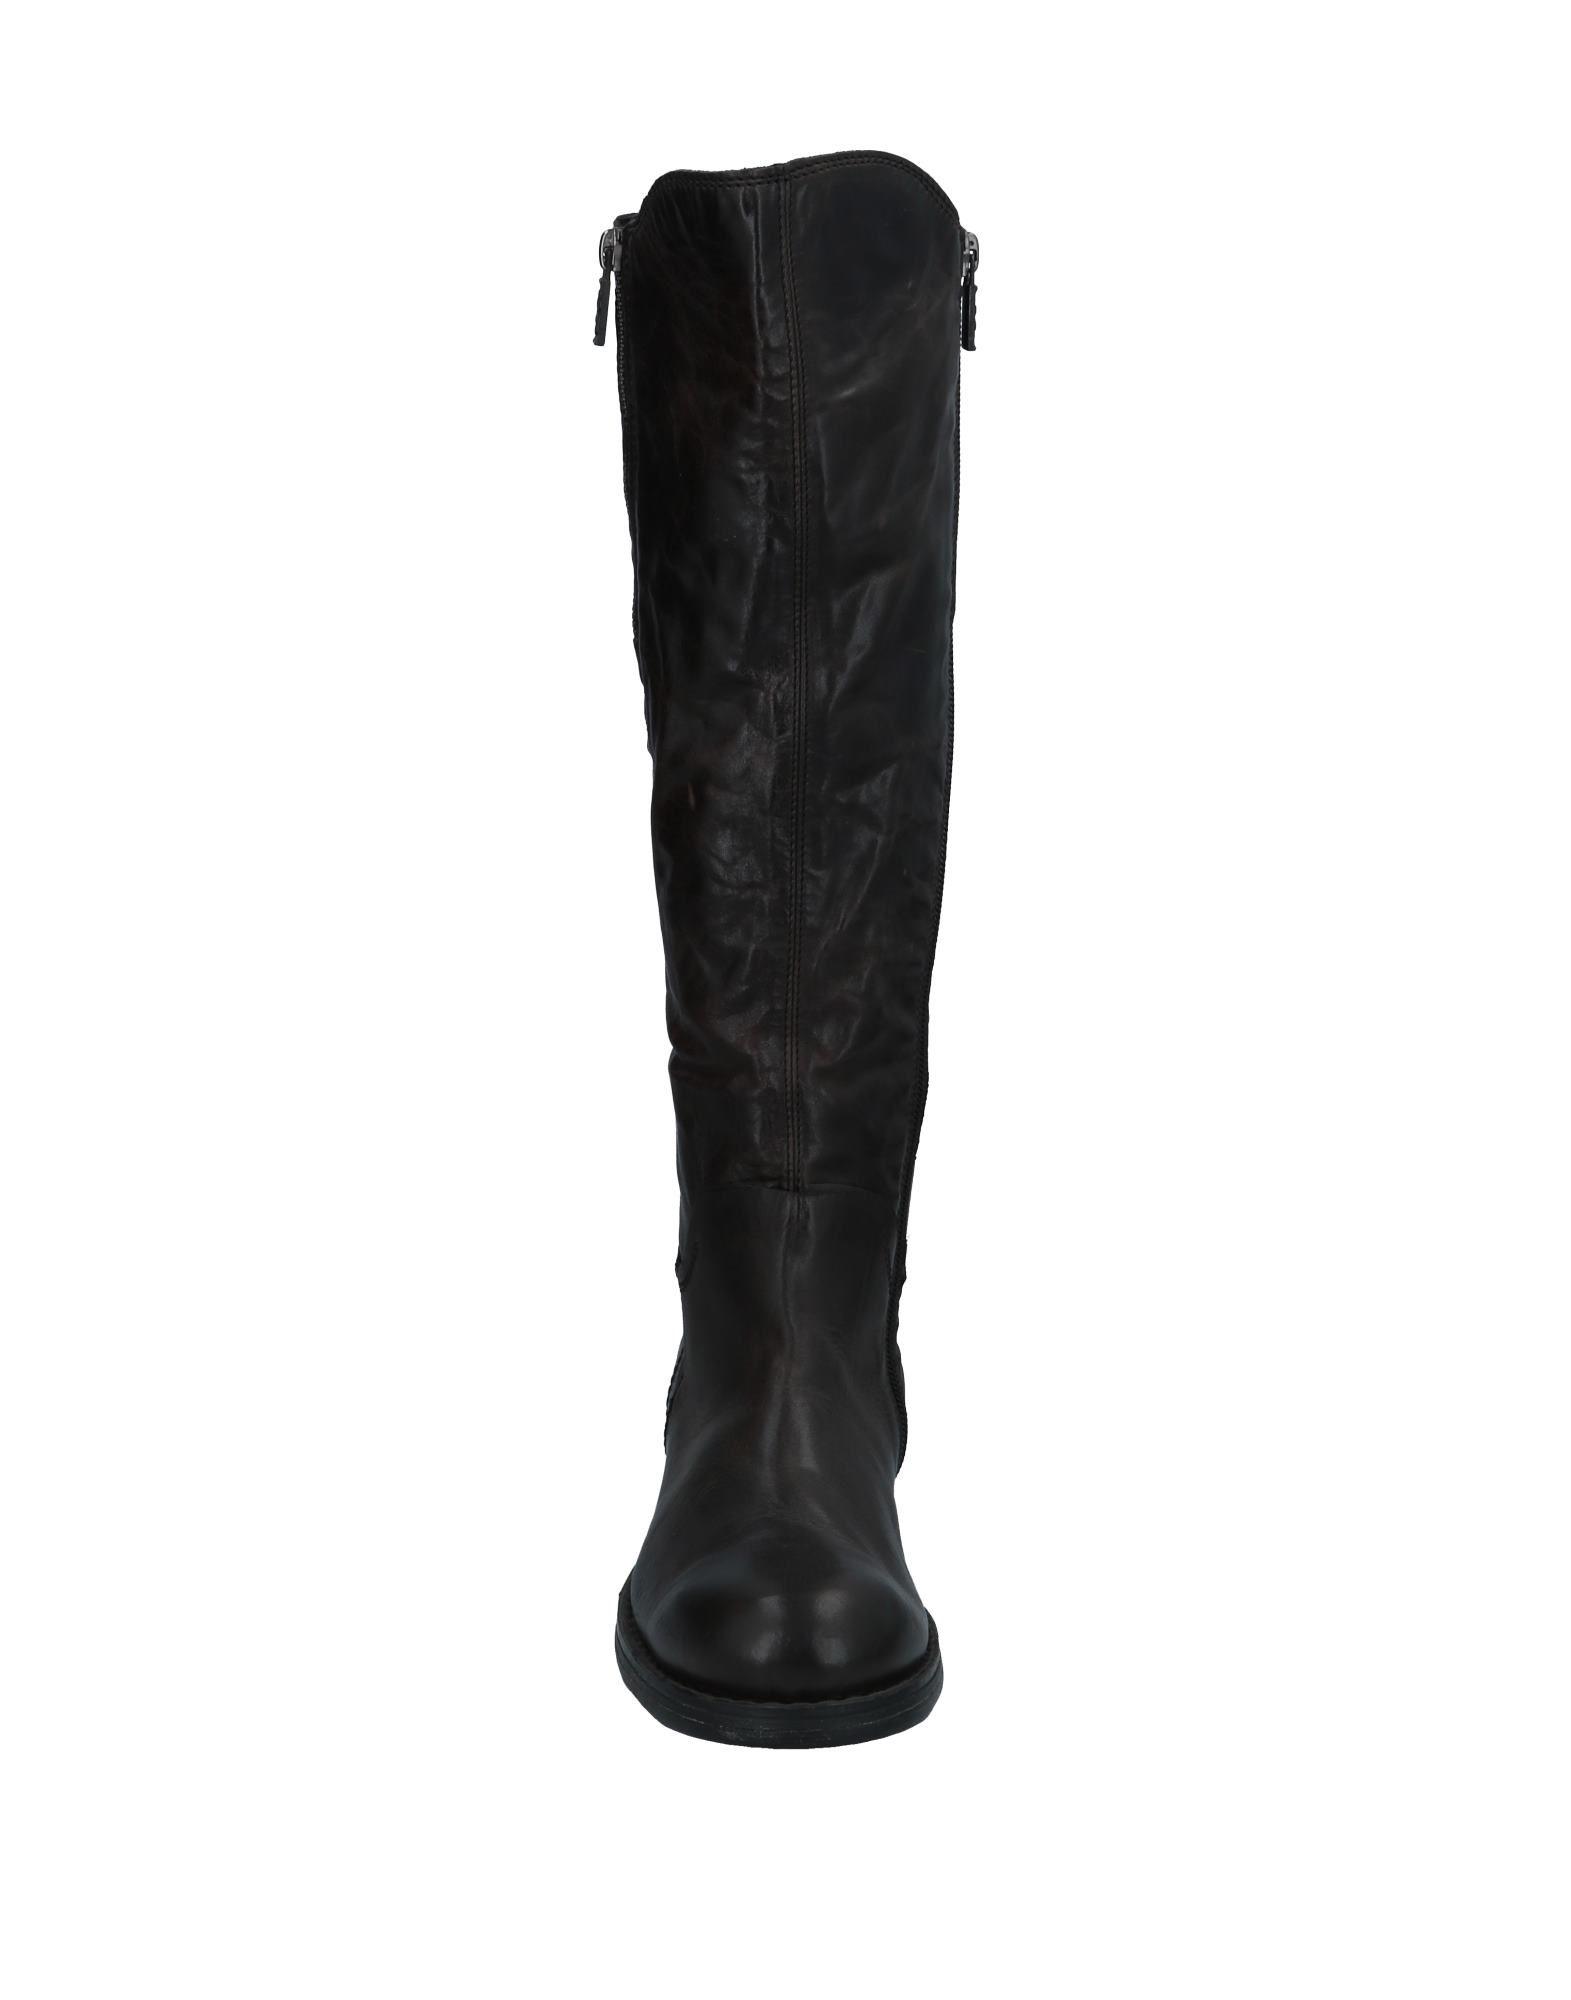 Rabatt Schuhe O.X.S. Stiefel Damen   Damen 11537843PR cd61d0